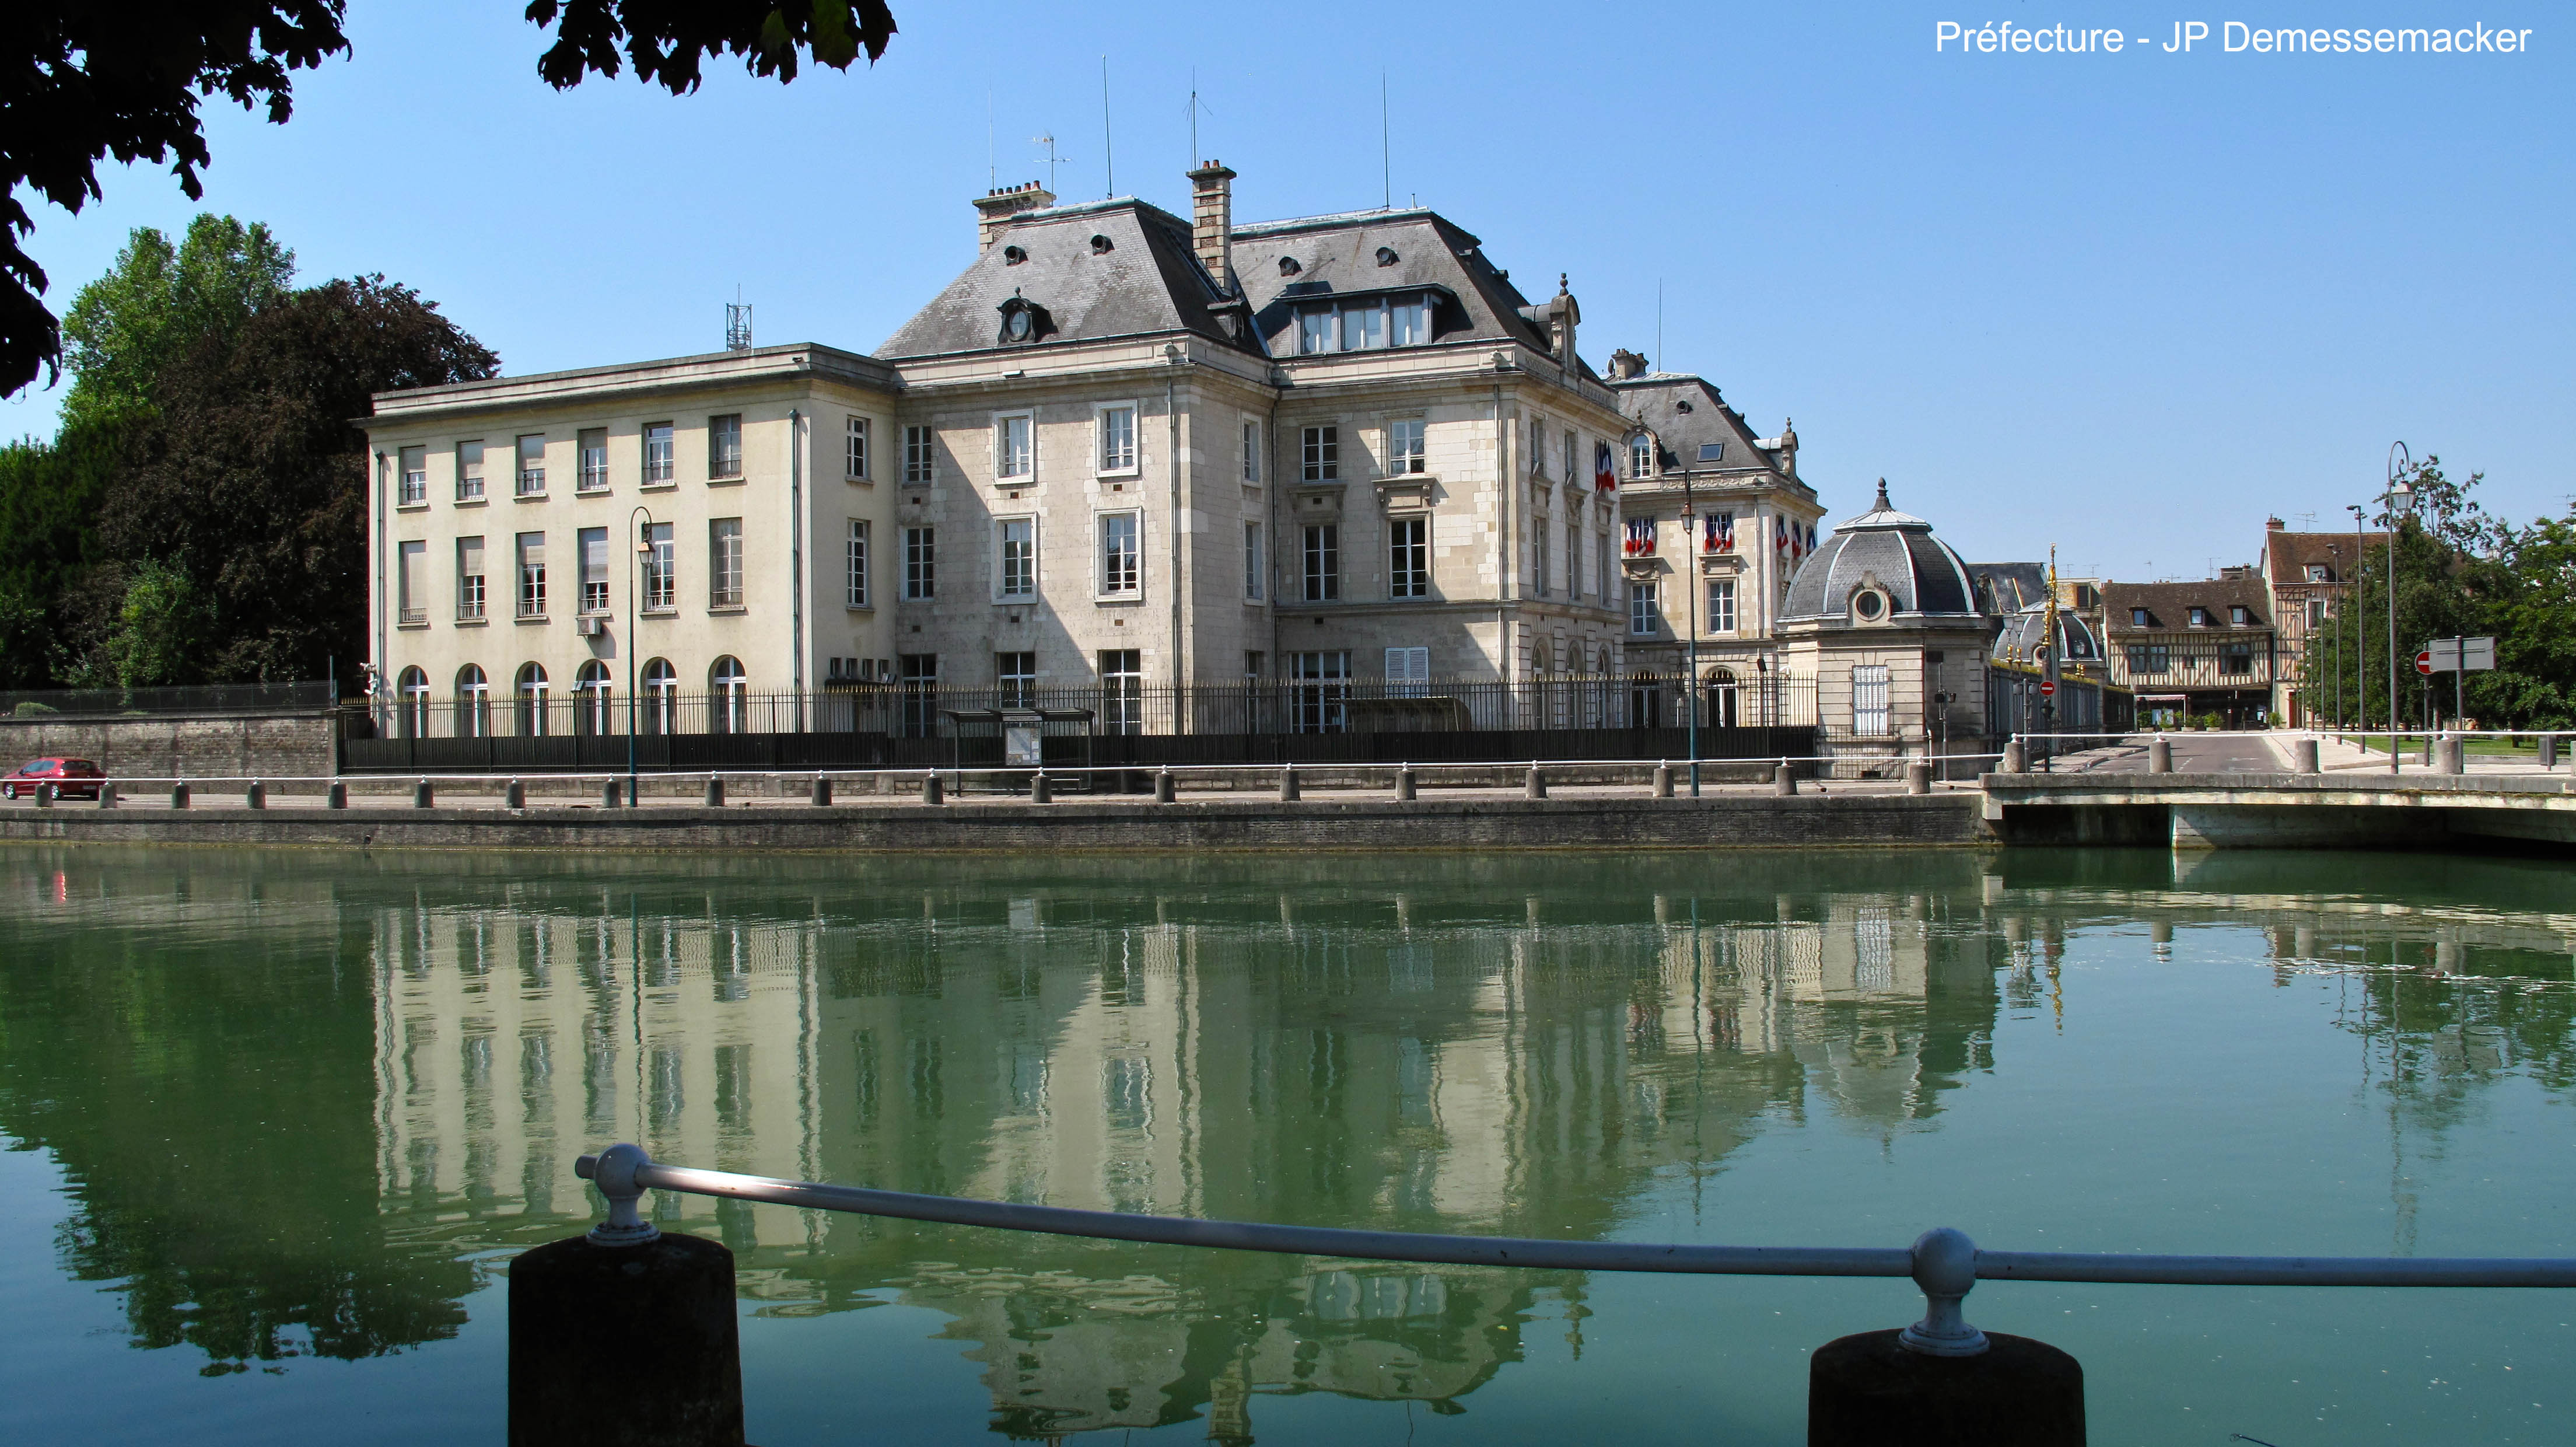 Bassin-de-la-Préfecture_2013_07_21_1425